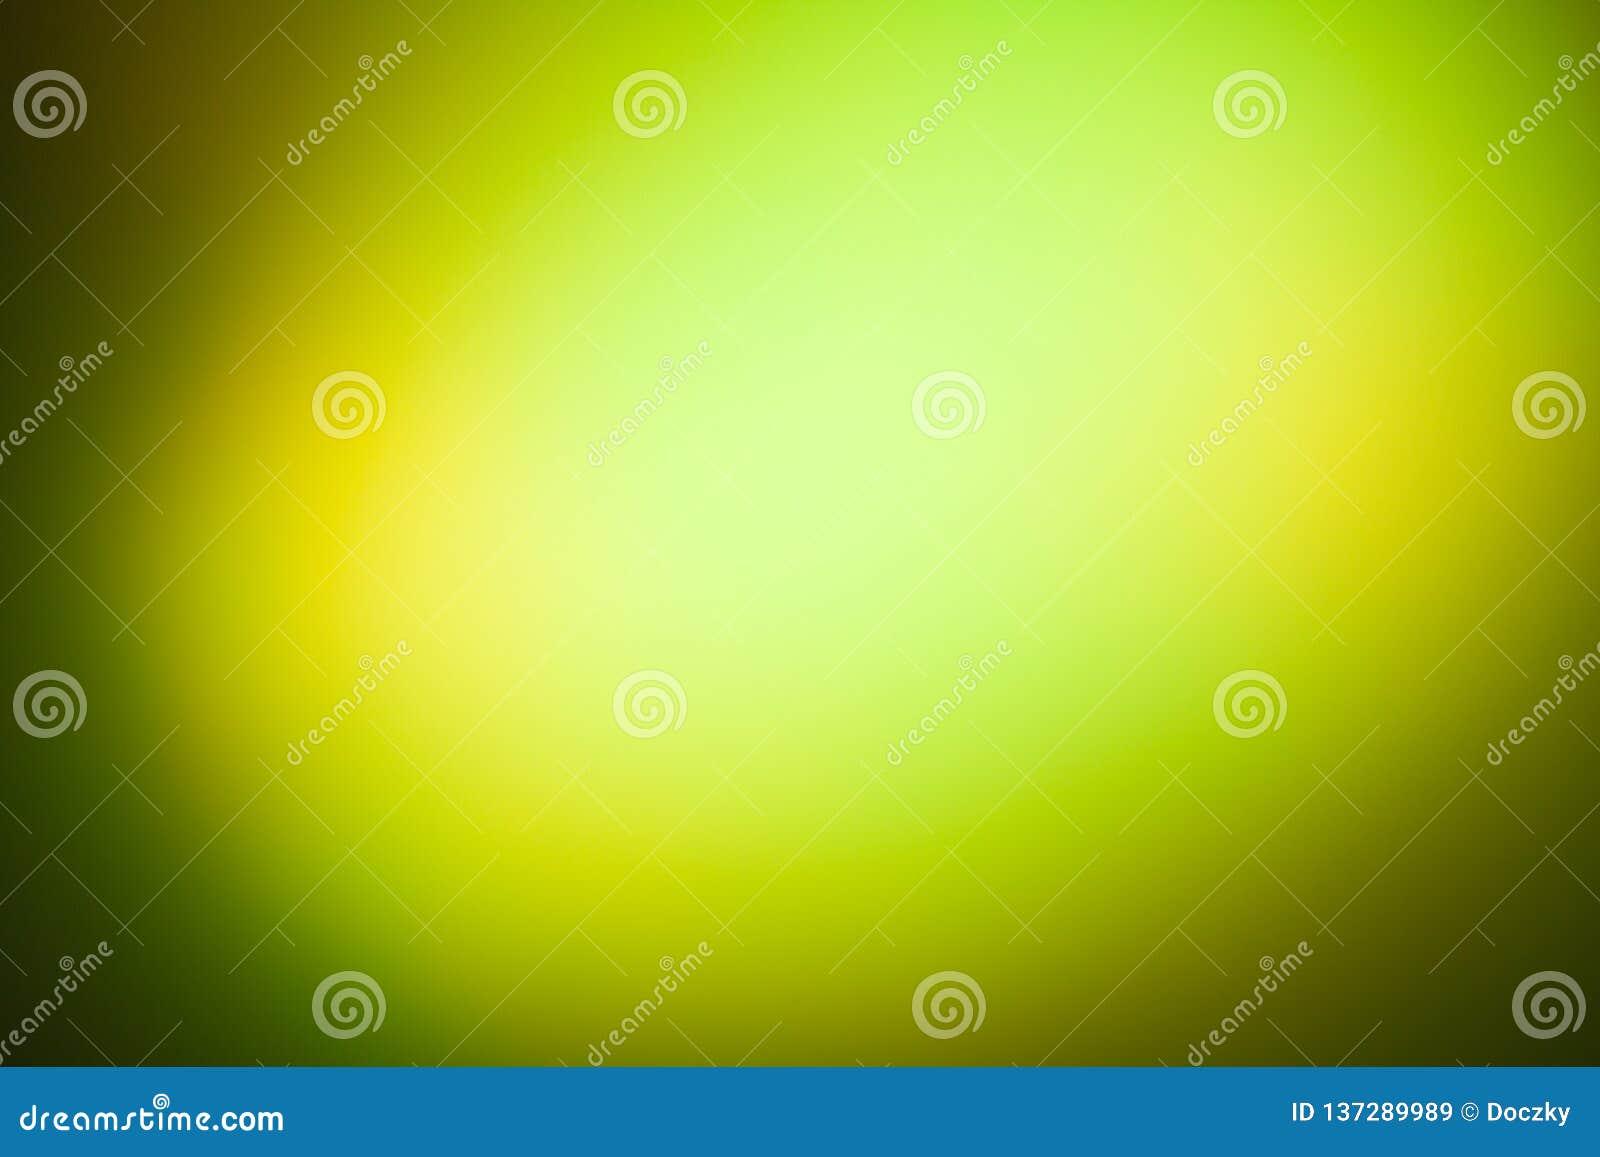 Diskoljuseffekt i grön och gul färg